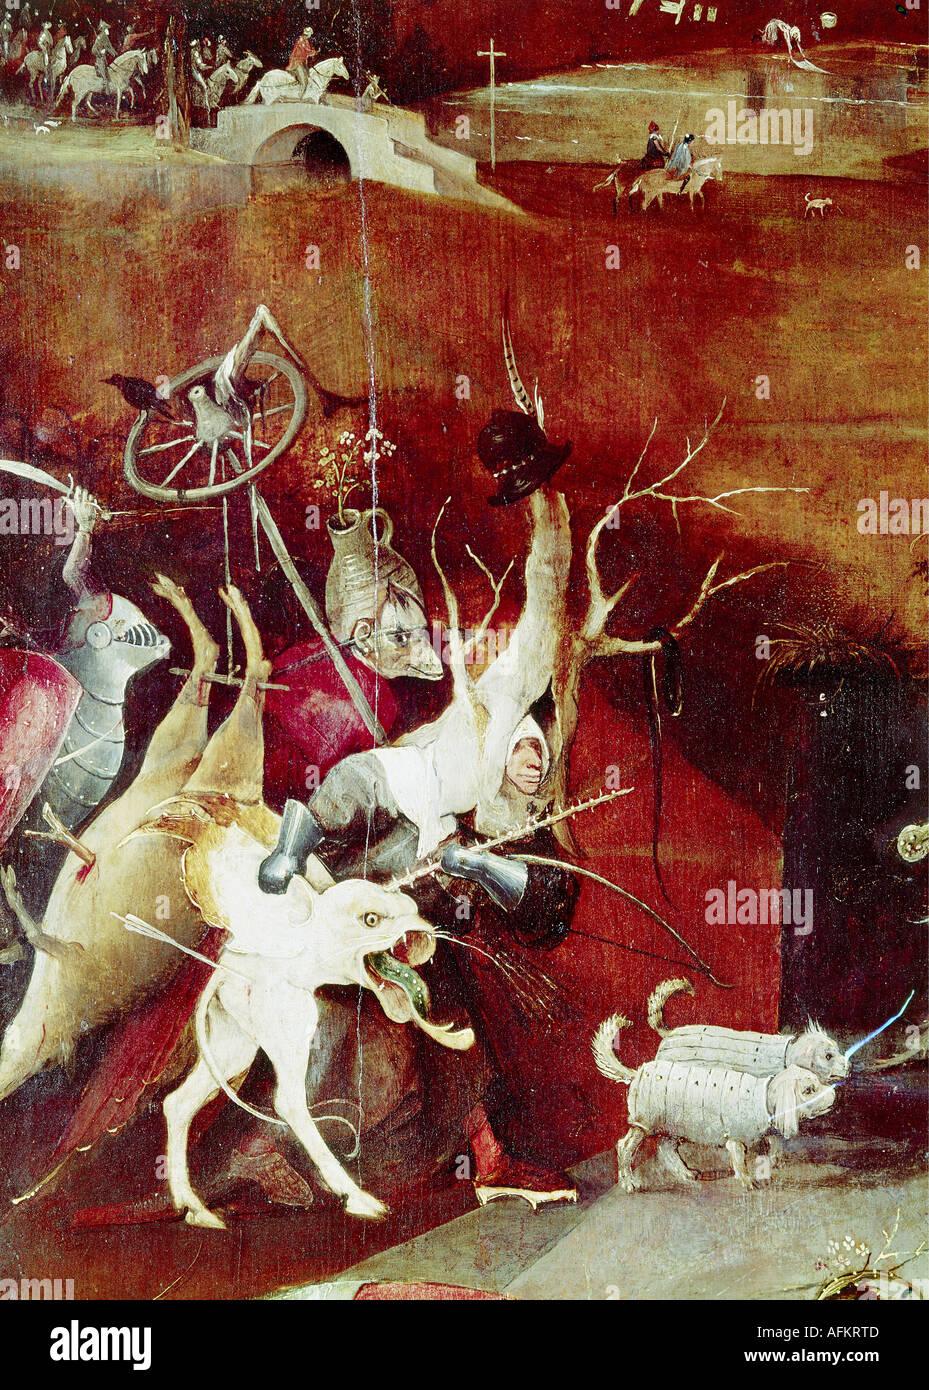 """""""Bildende Kunst, Bosch, Hieronymus (ca. 1450-1516), Malerei,""""die Versuchung des Heiligen Antonius"""", Mitteltafel, Stockfoto"""